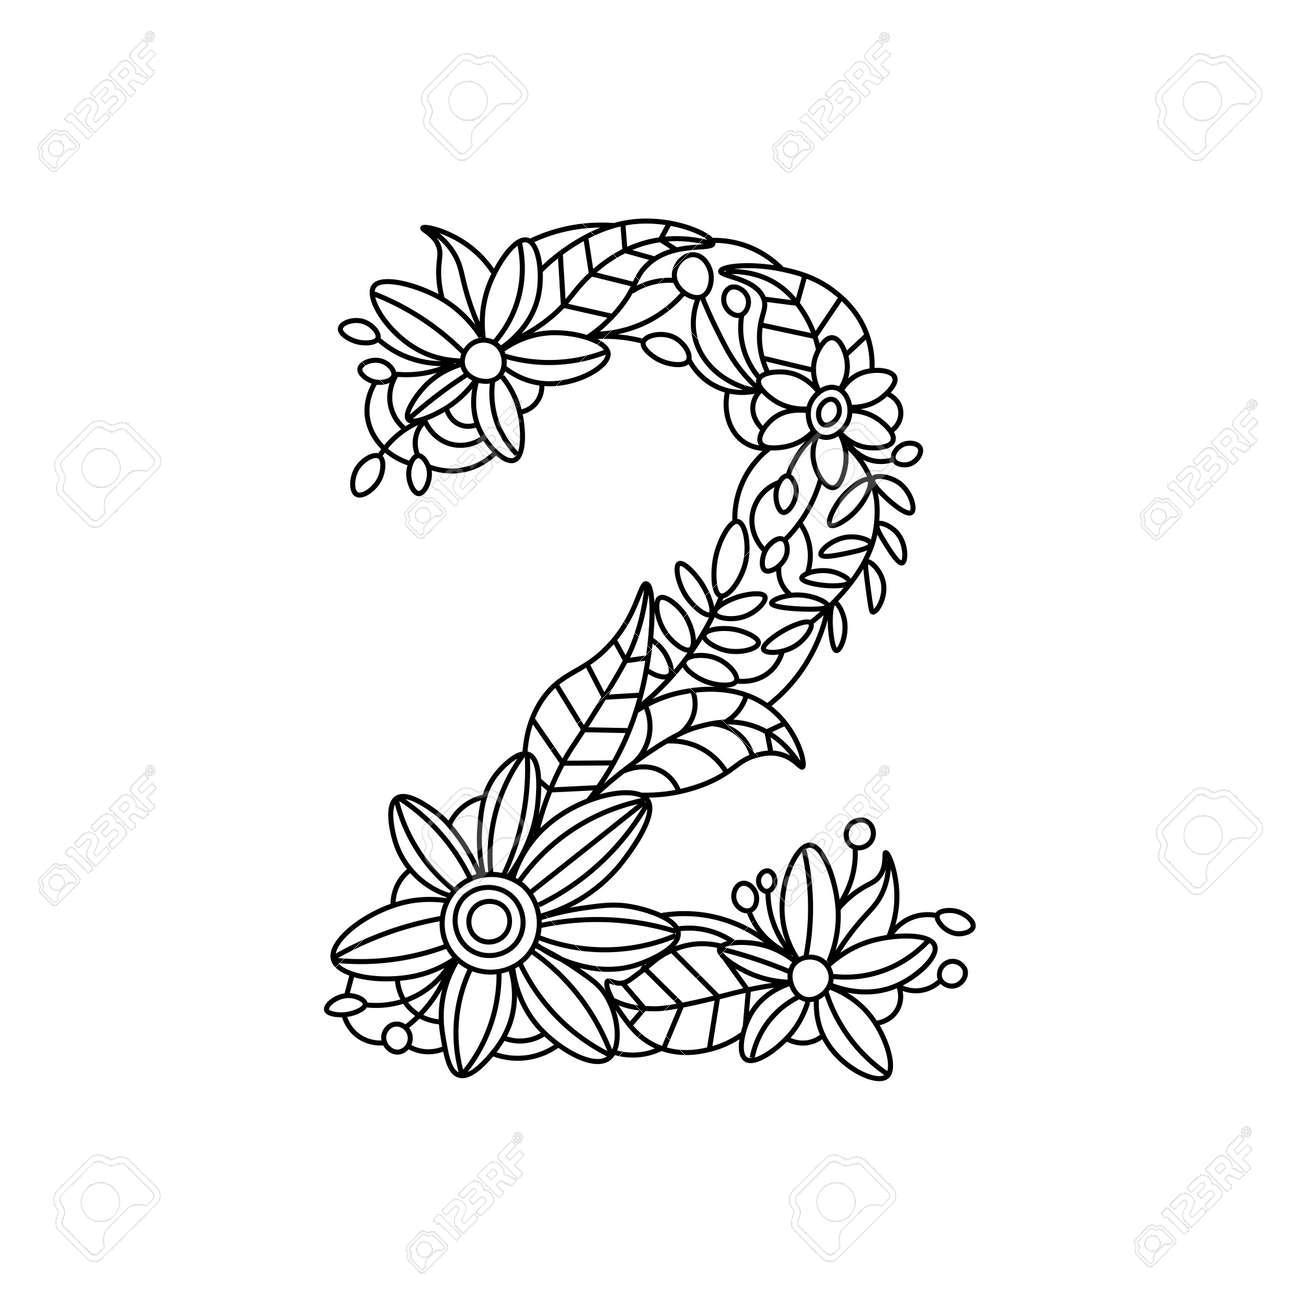 Floral Numéro De Police Livre De Coloriage Pour Les Adultes Illustration Vectorielle